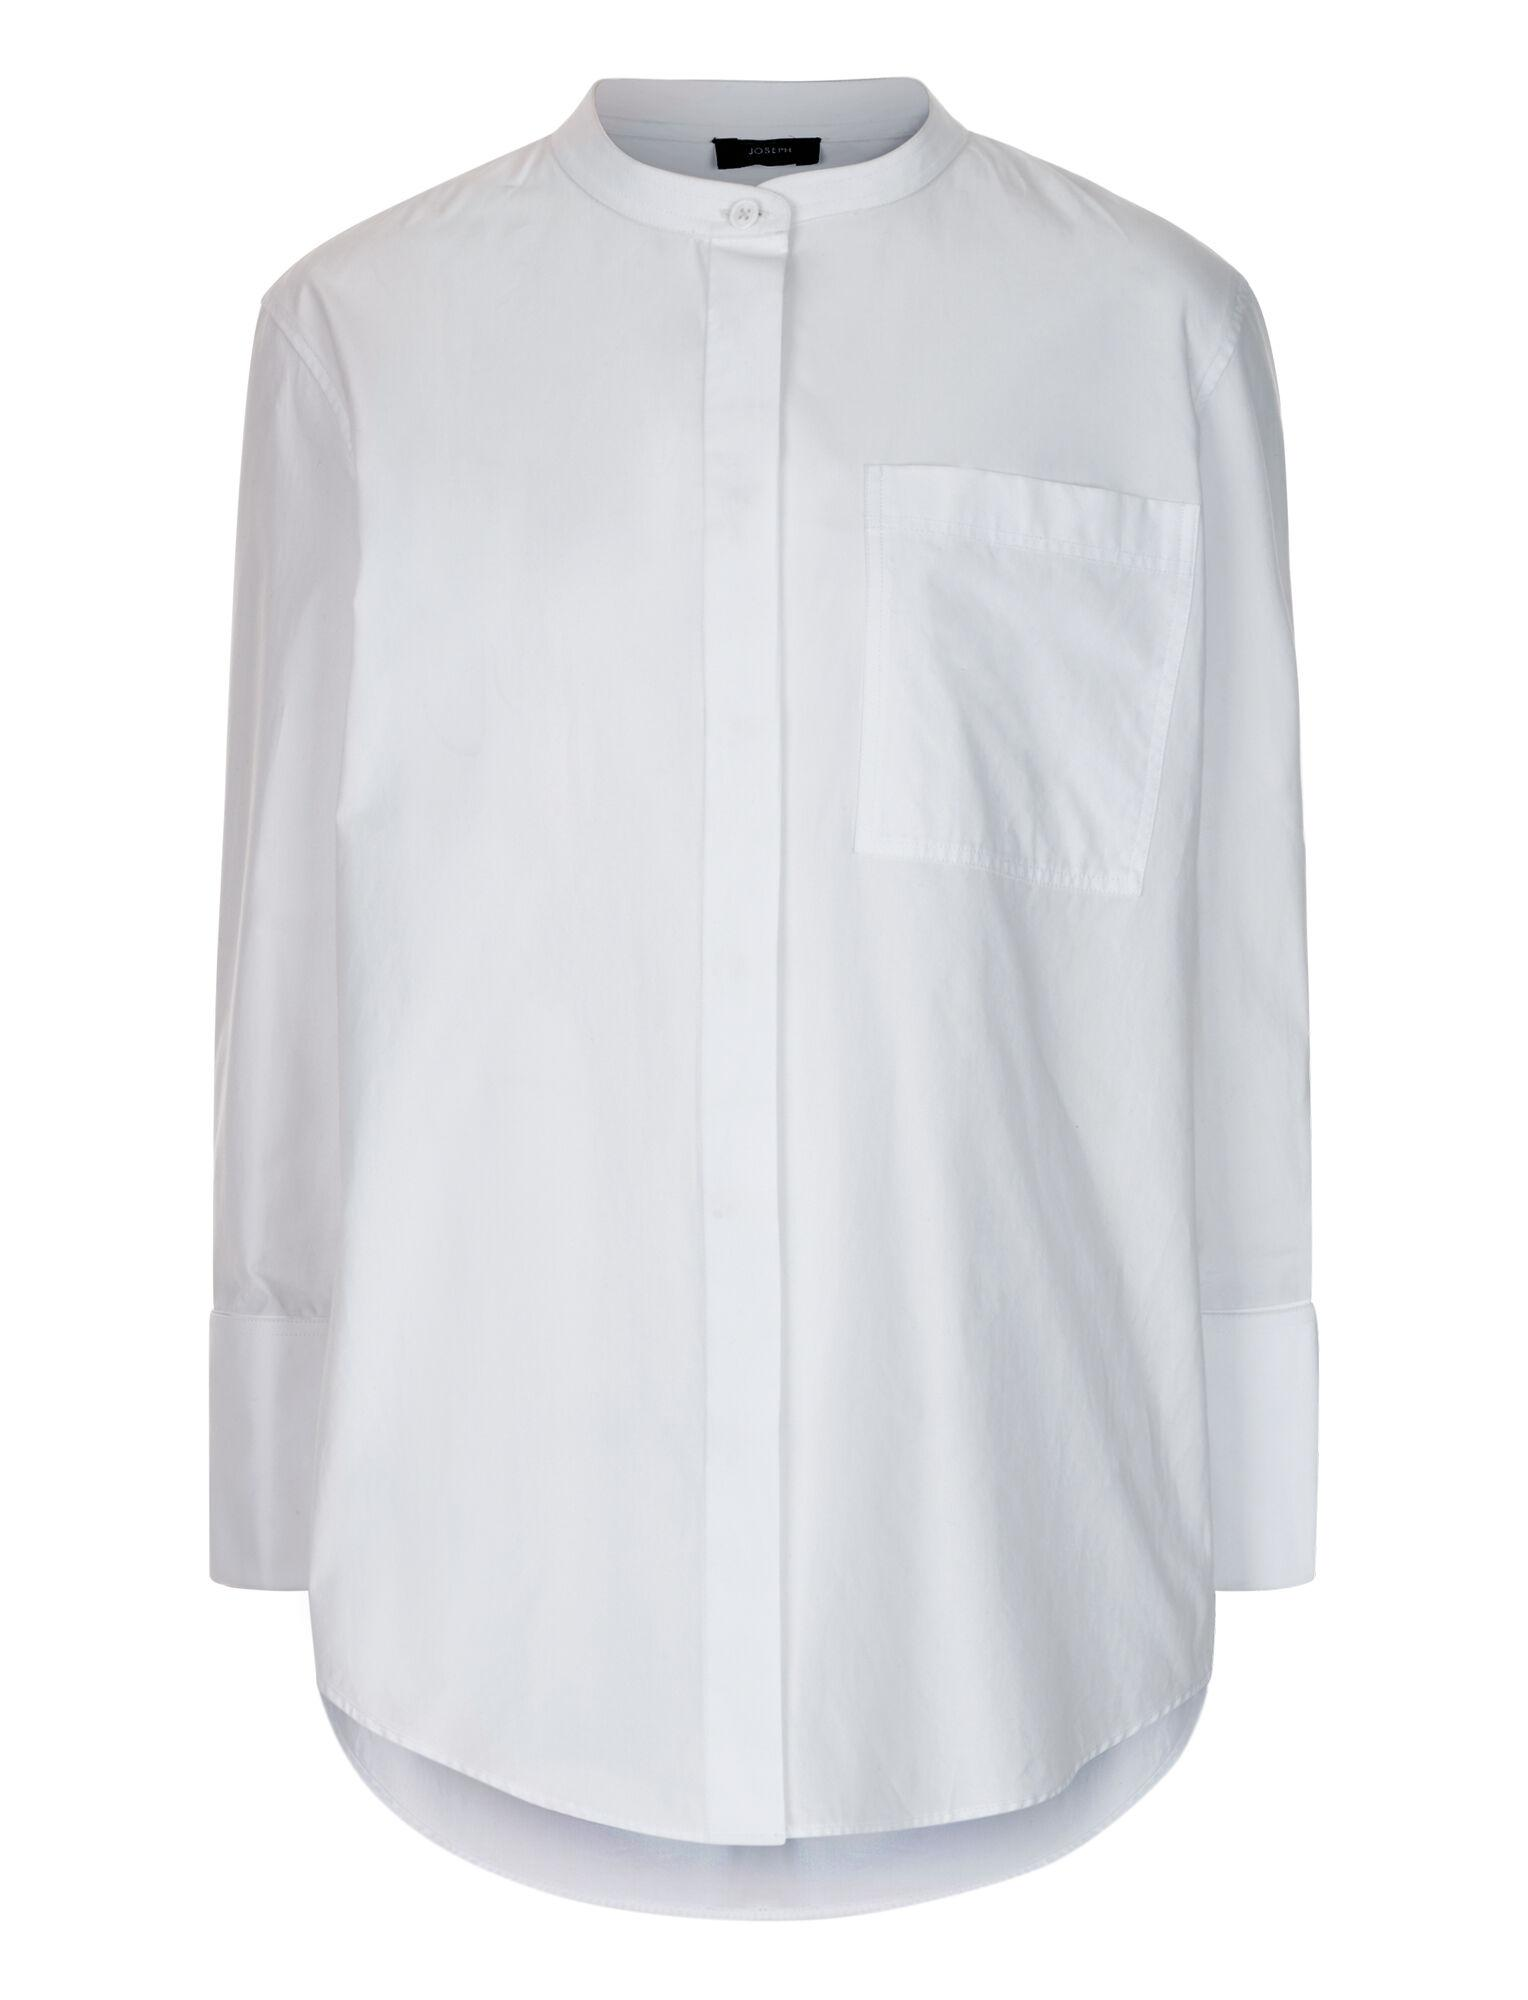 JOSEPH Cotton Callen Poplin Blouse in White